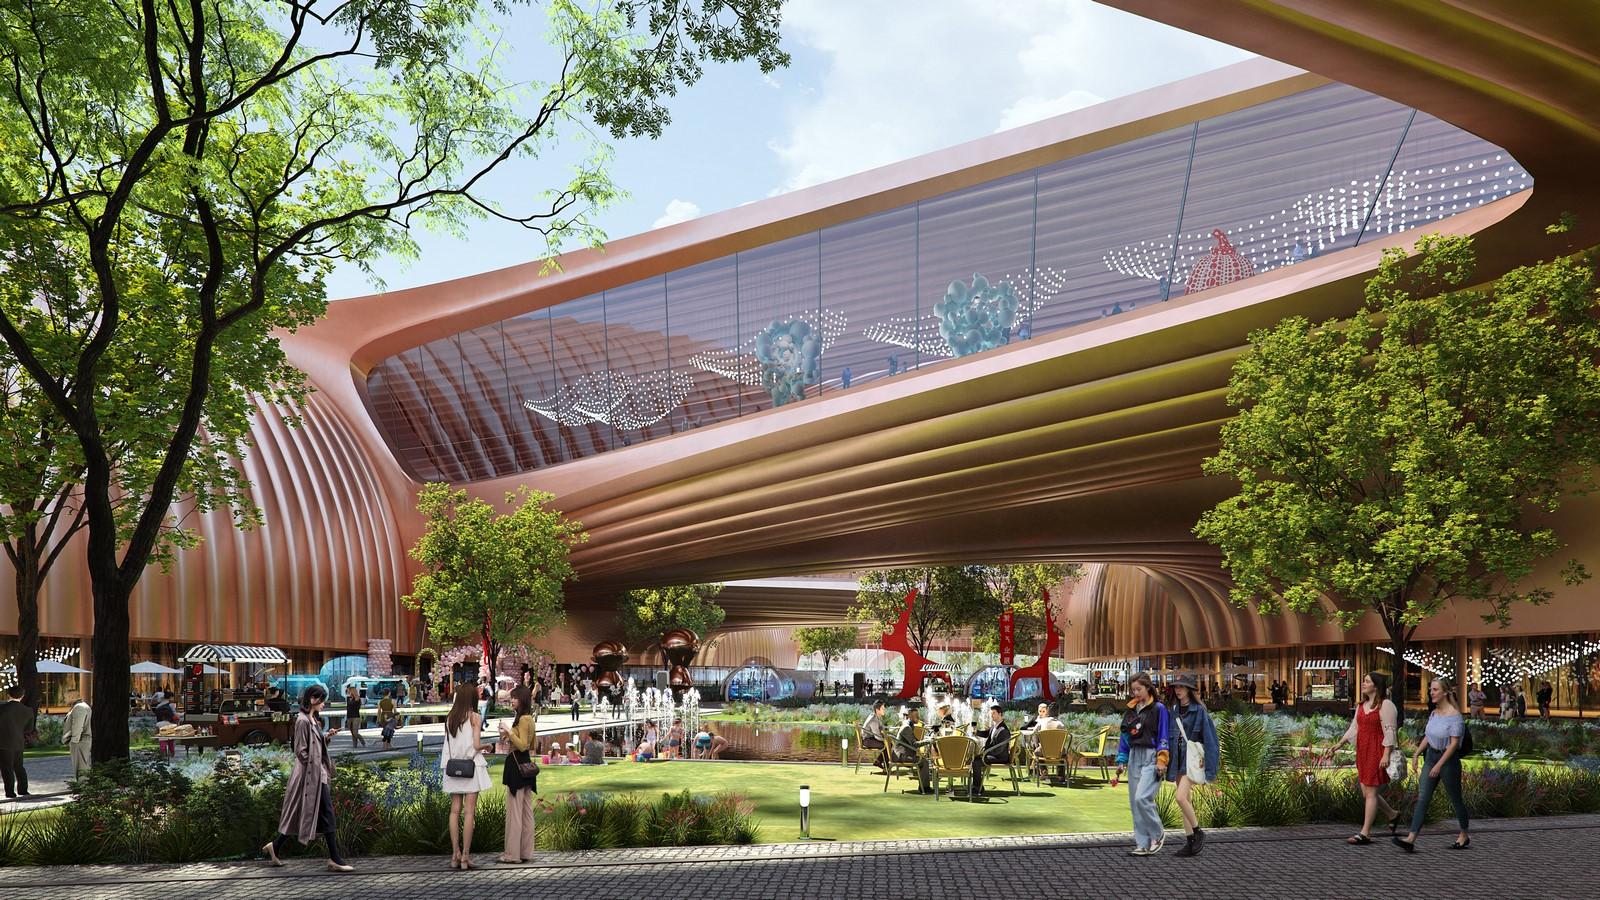 International Exhibition Centre by Zaha Hadid Architects - Sheet1